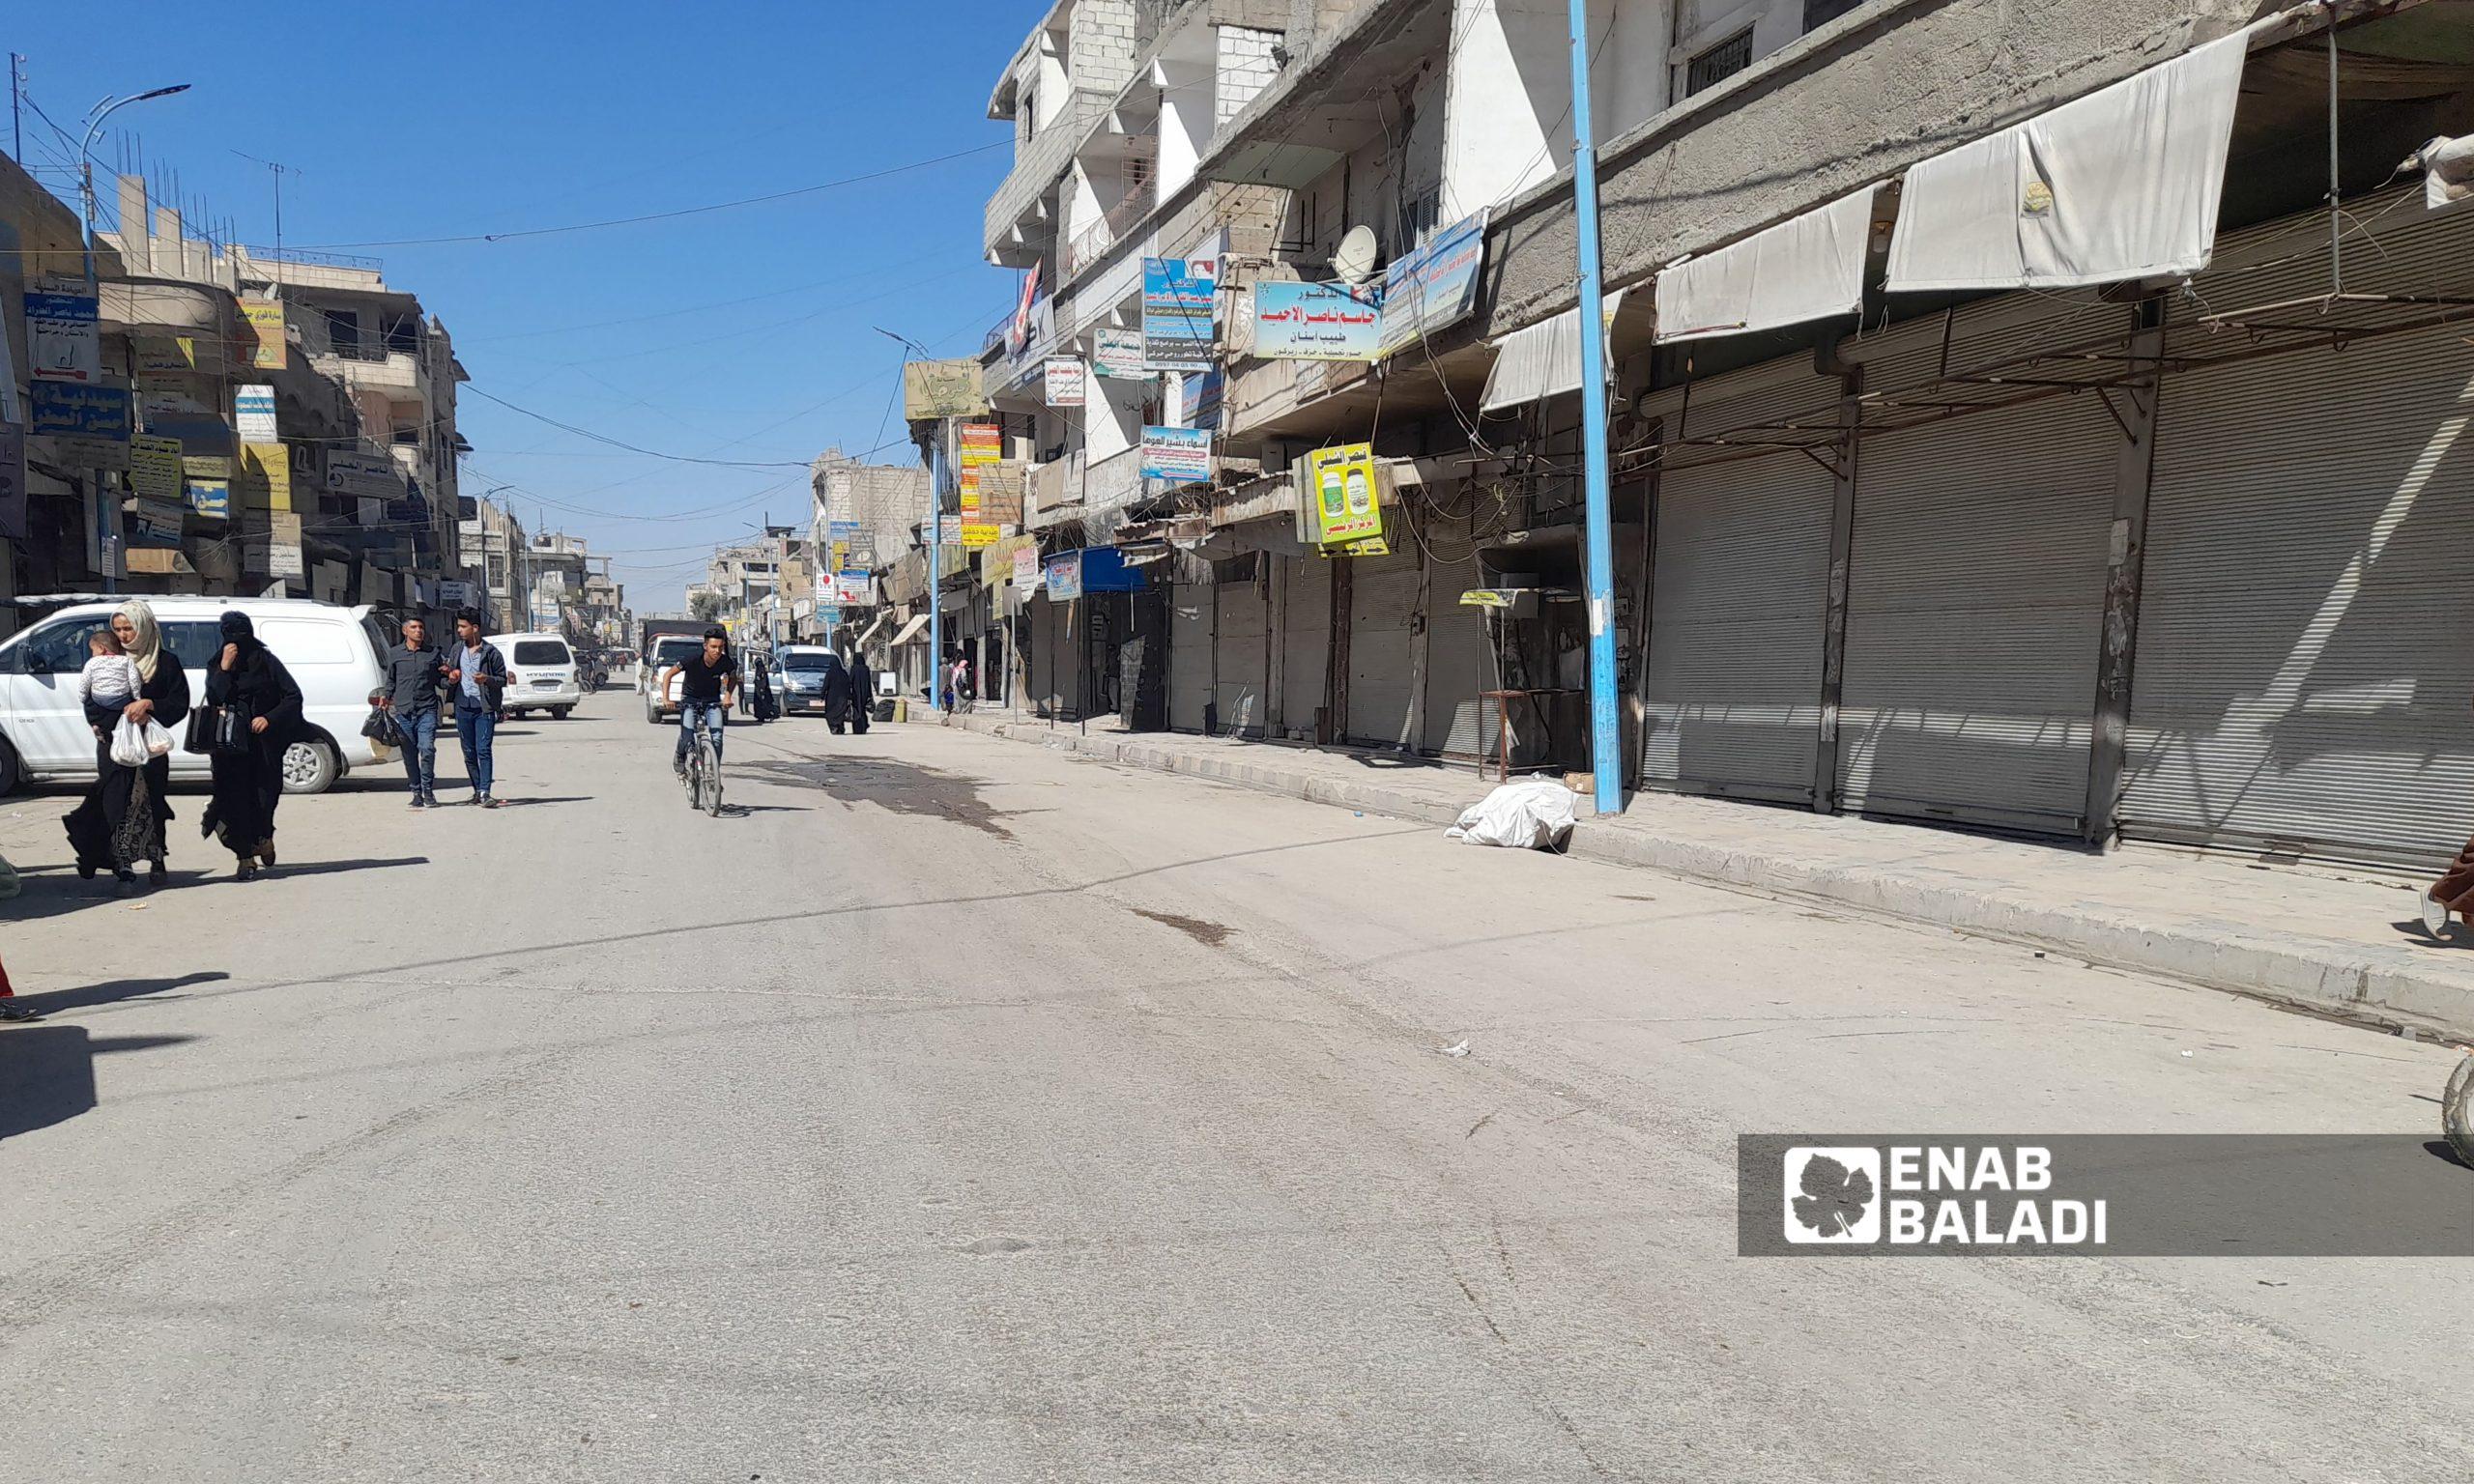 إغلاق الأسواق والمحال التجارية في مدينة الرقة بعد فرض حظر تجوال كلي من قبل الإدارة الذاتية - 27 أيلول 2021 ( عنب بلدي / حسام العمر)